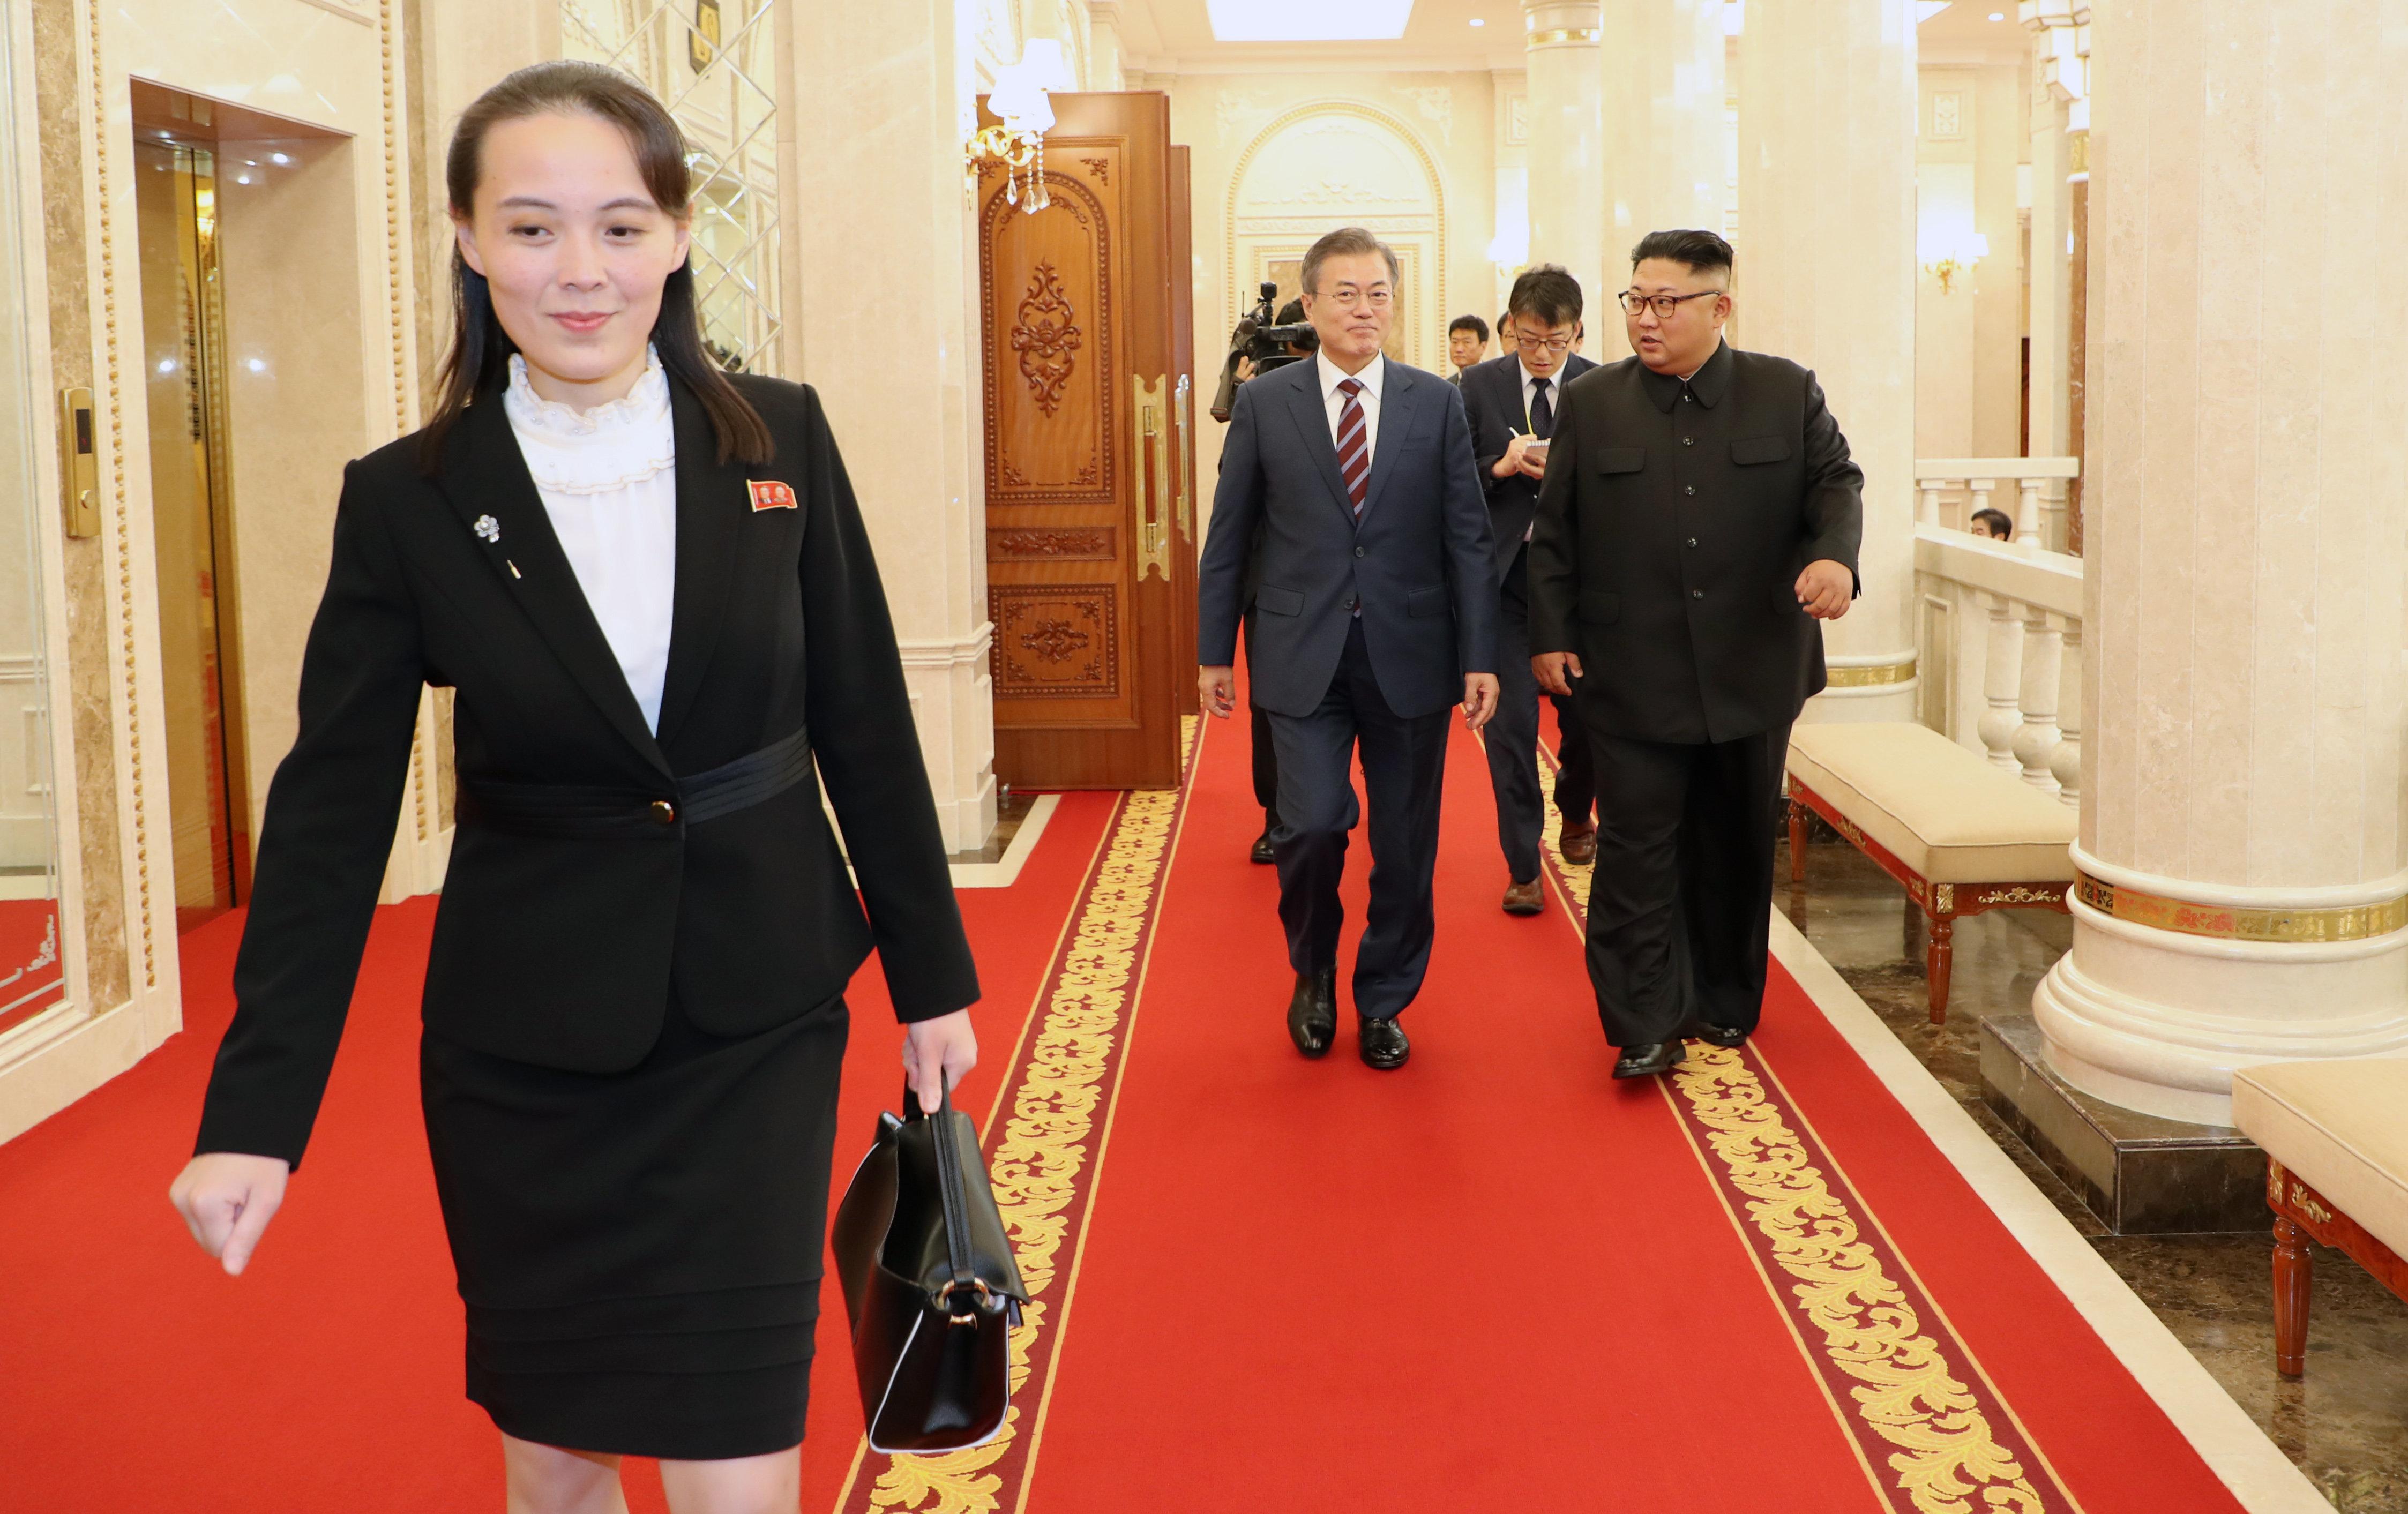 박지원이 북한 중요 인사에게 들은 '김여정이 핼쑥해 보이는